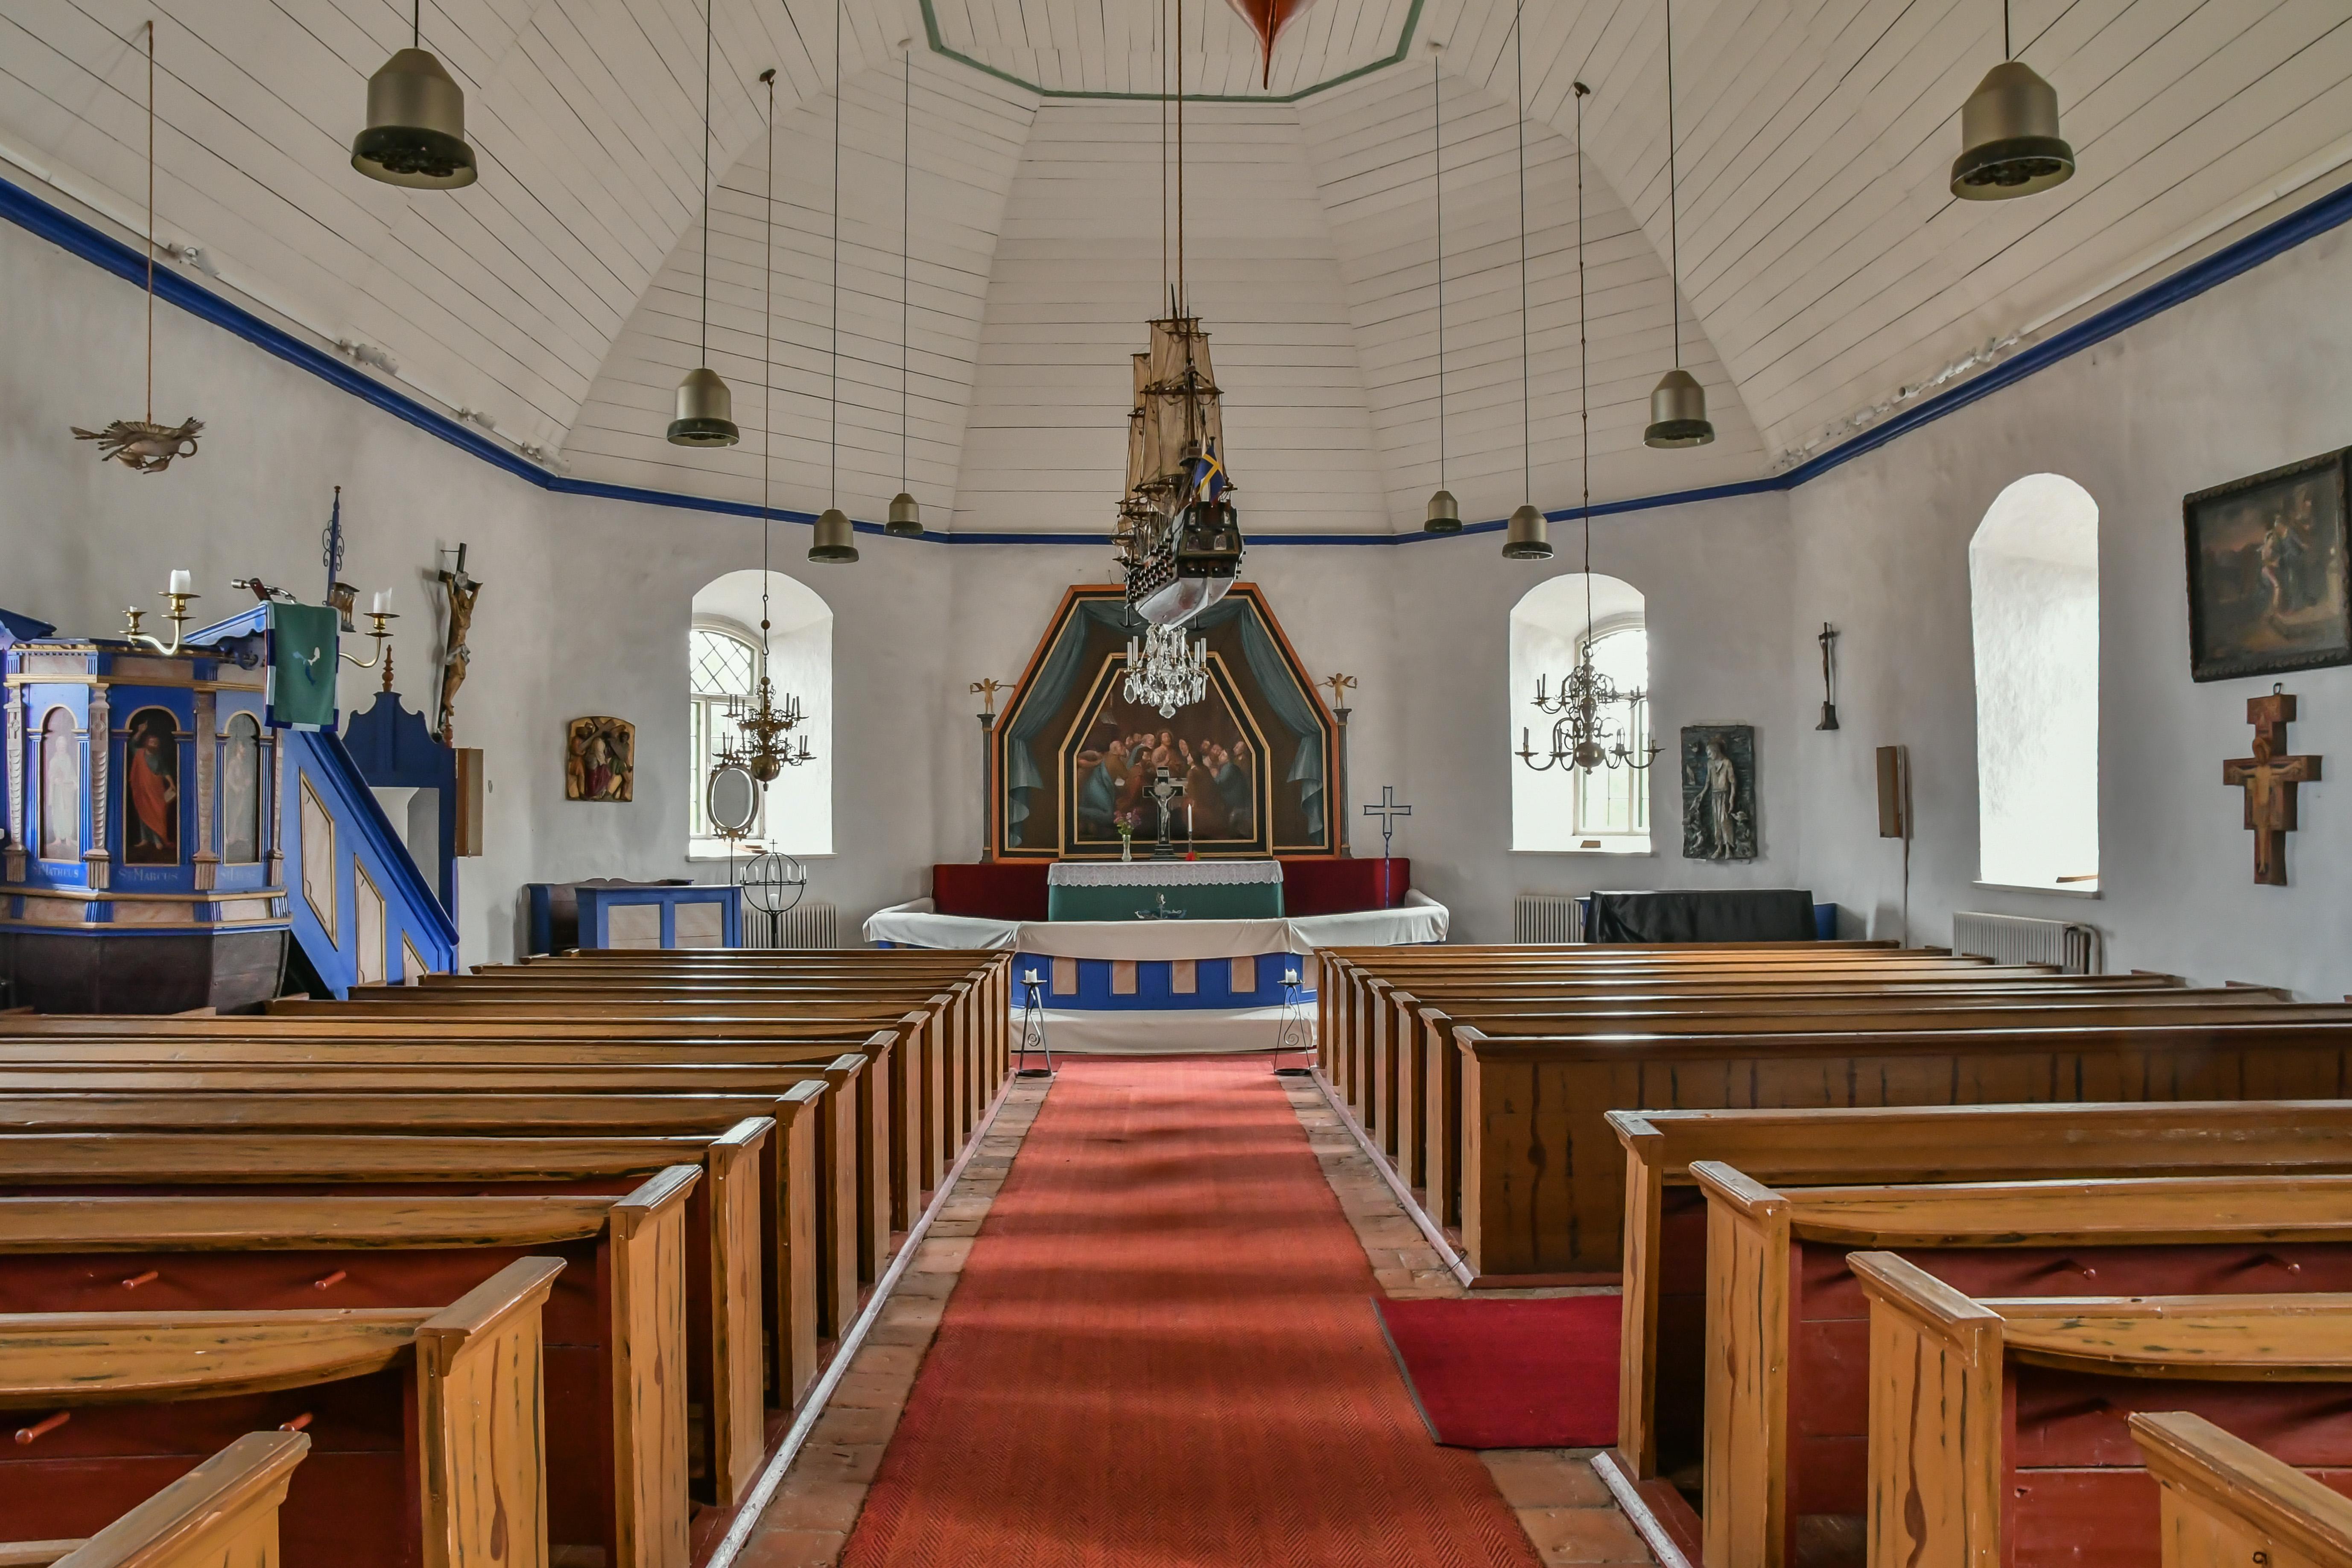 Kökarin kirkko sisältä.jpg